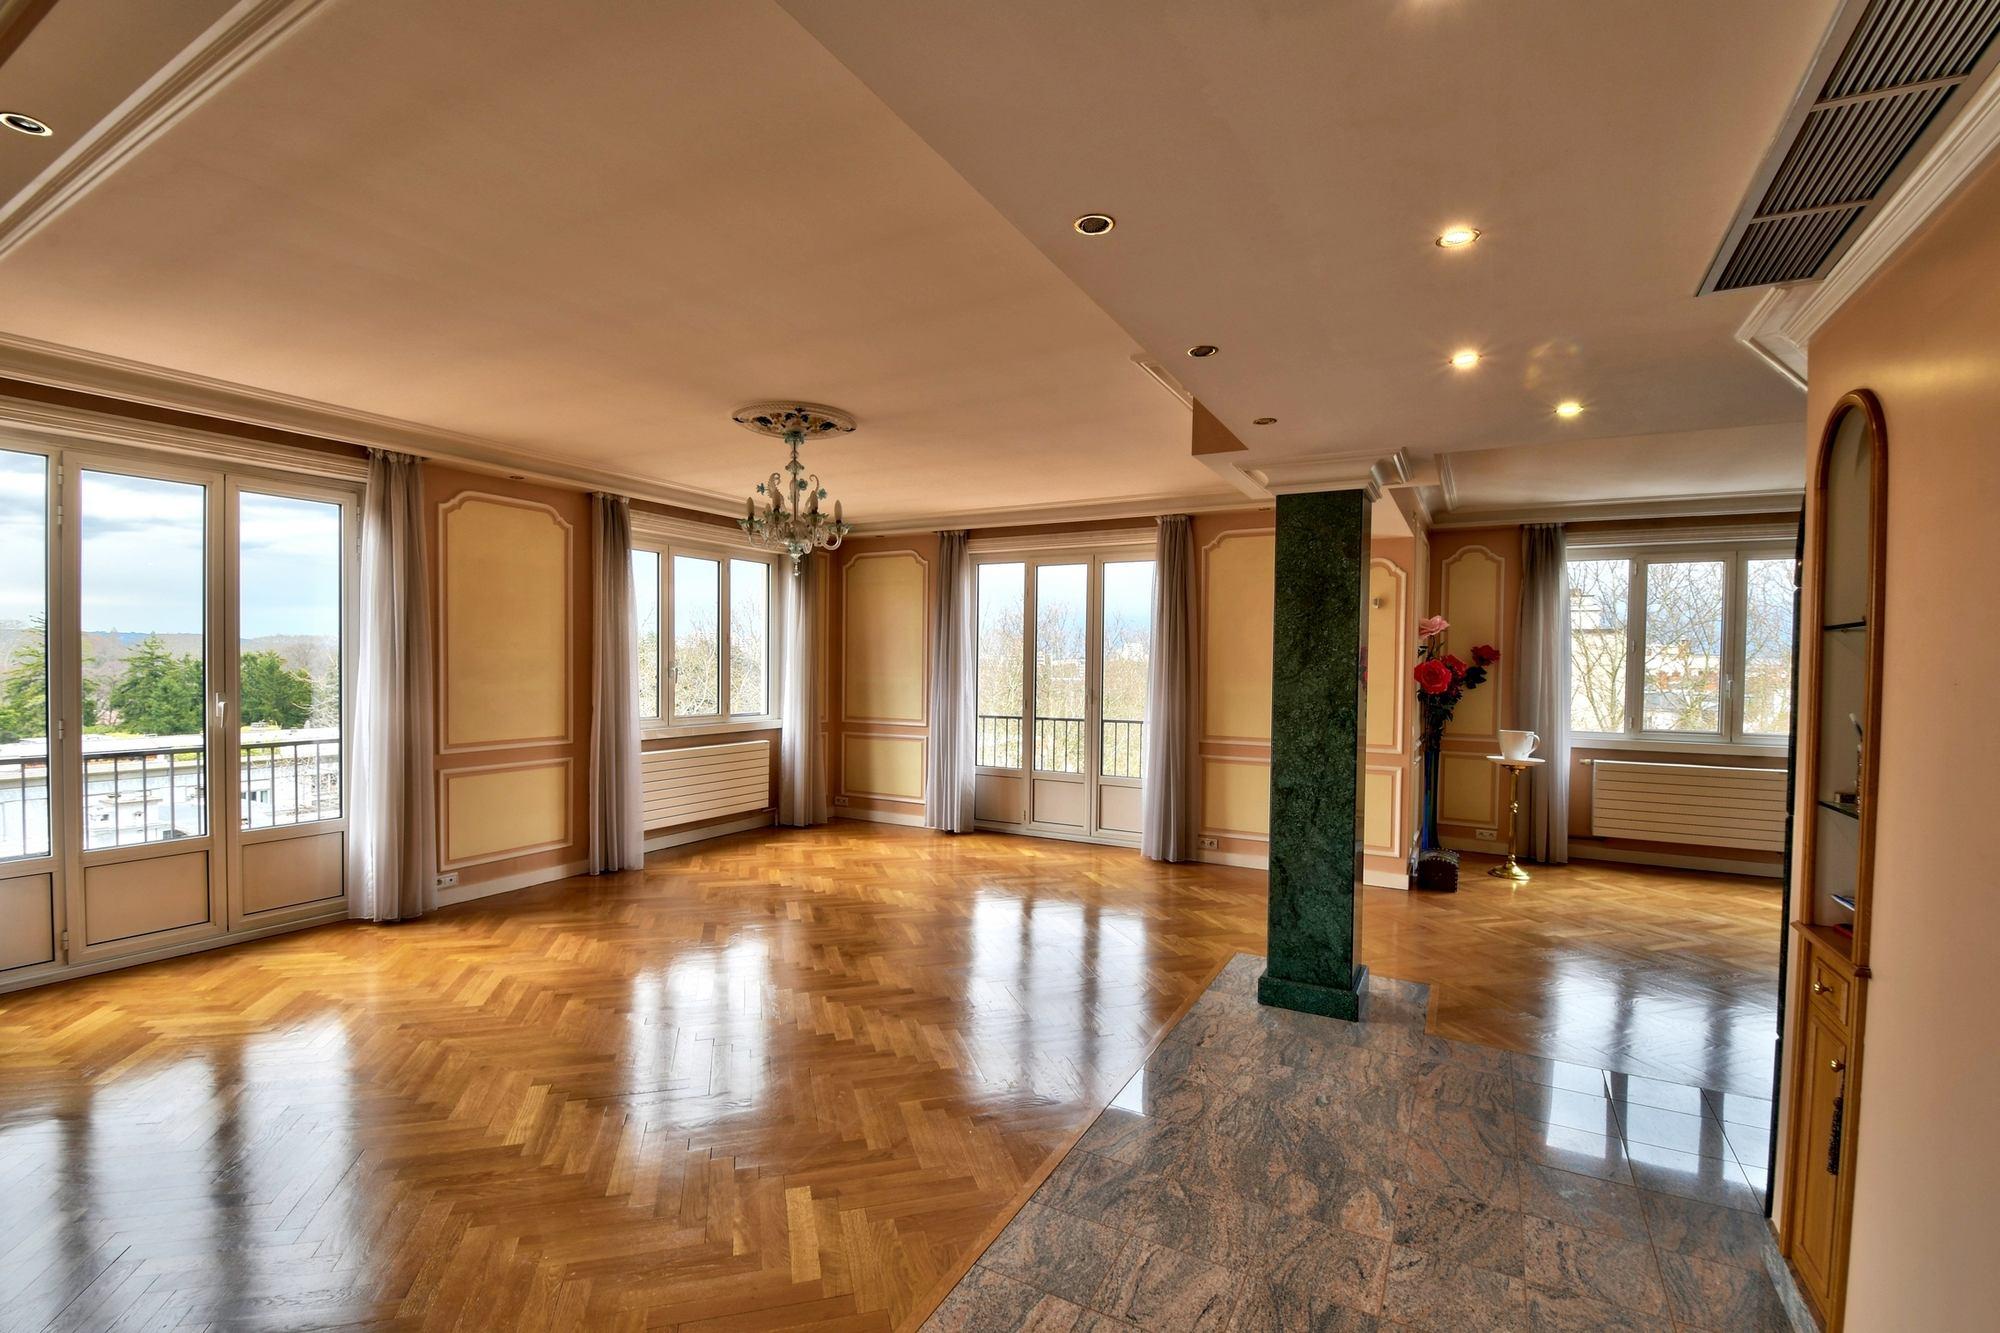 PHOTOS IMMOBILIER Lyon 69006 Appartement salon salle à manger Boulevard des Belges